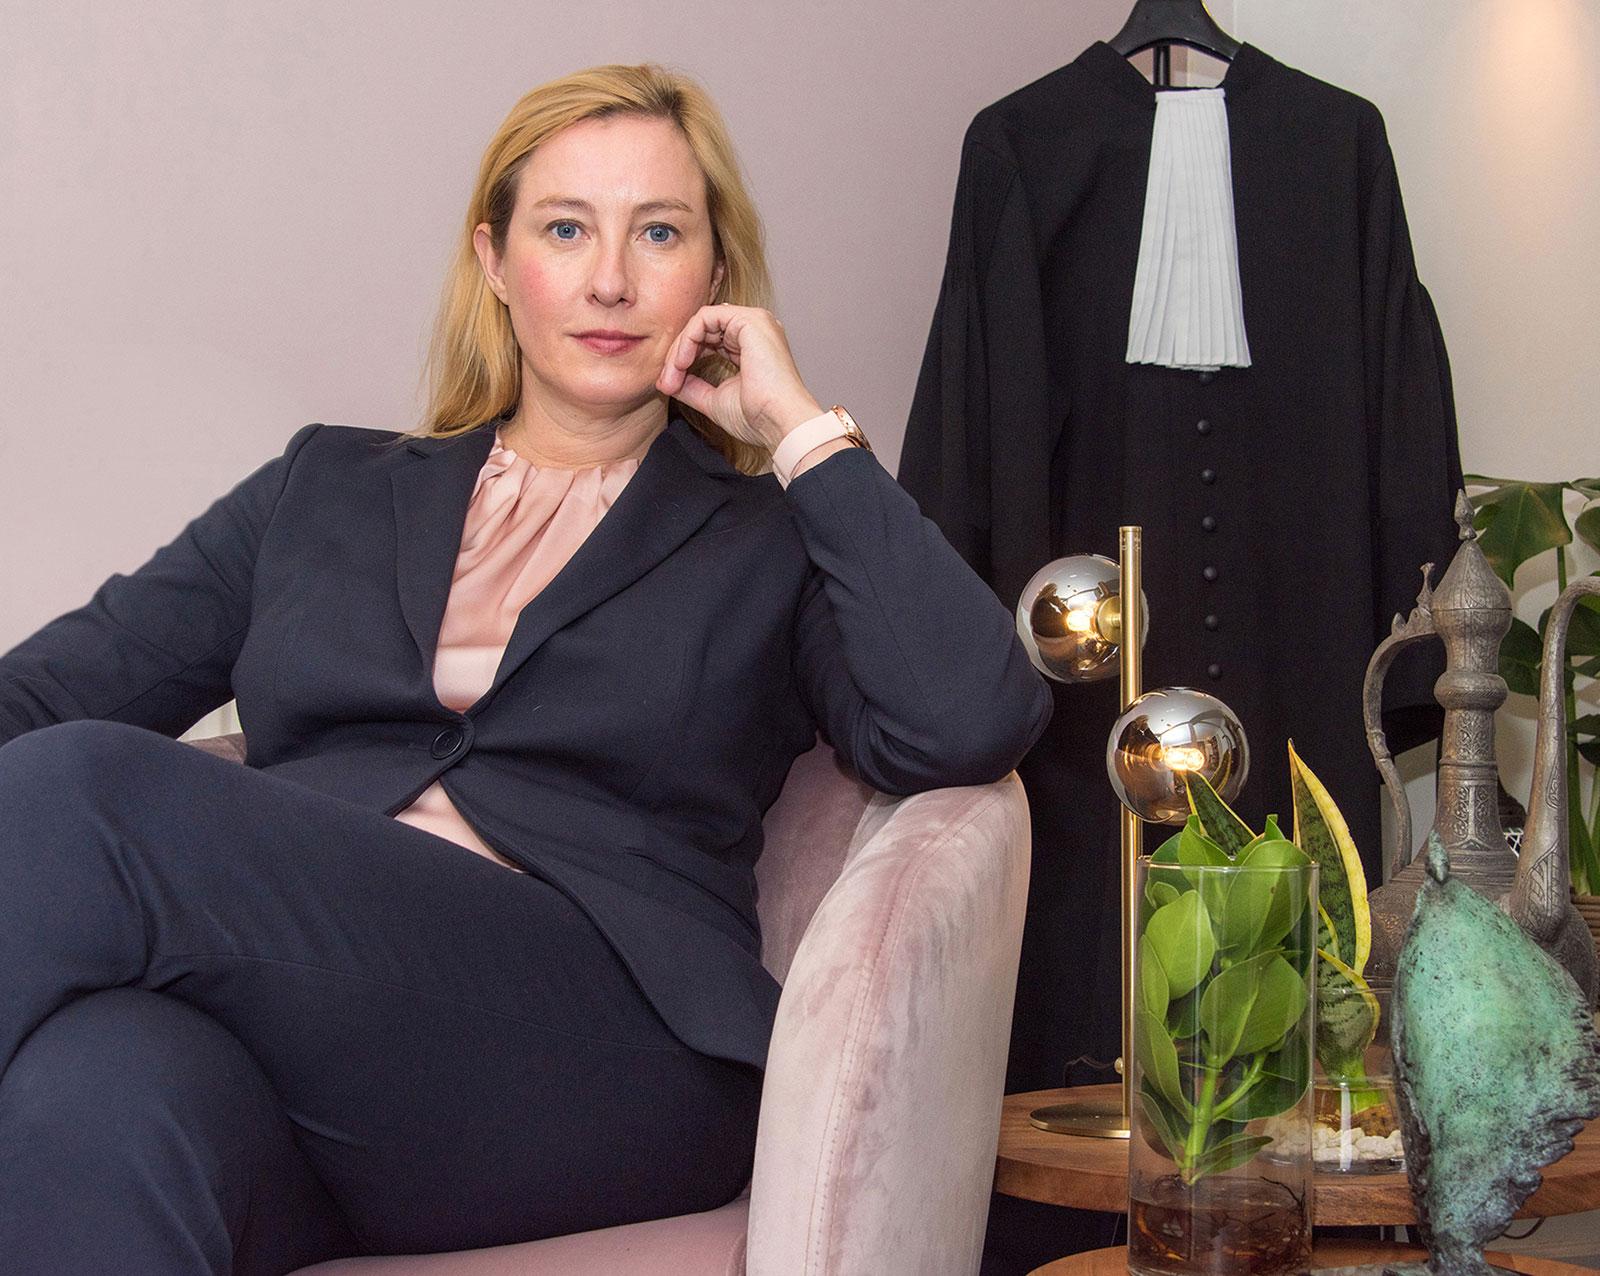 Antoinette Vlieger